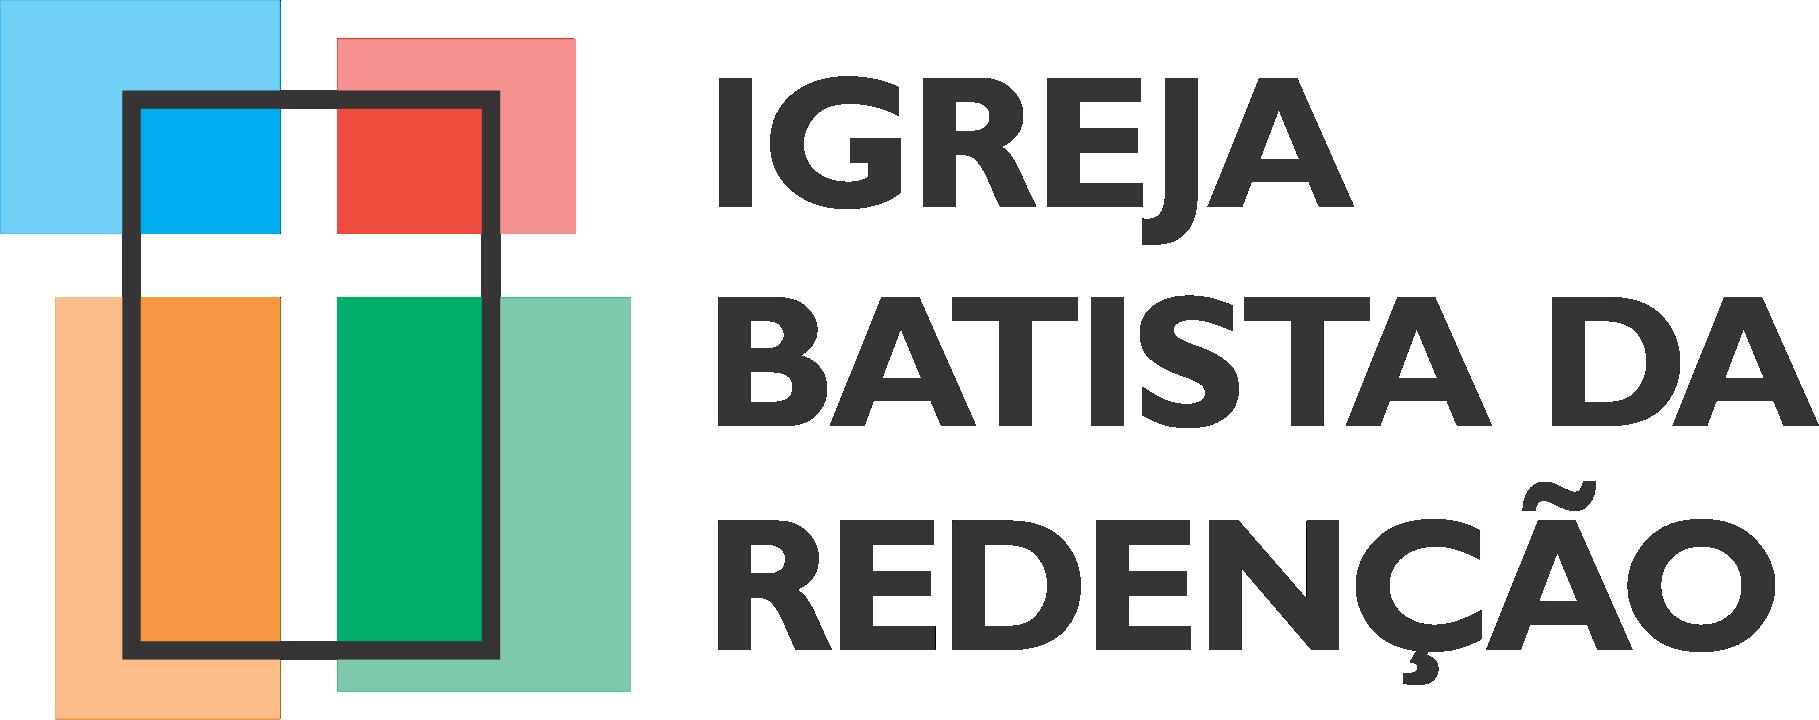 Logomarca Igreja Batista Redenção